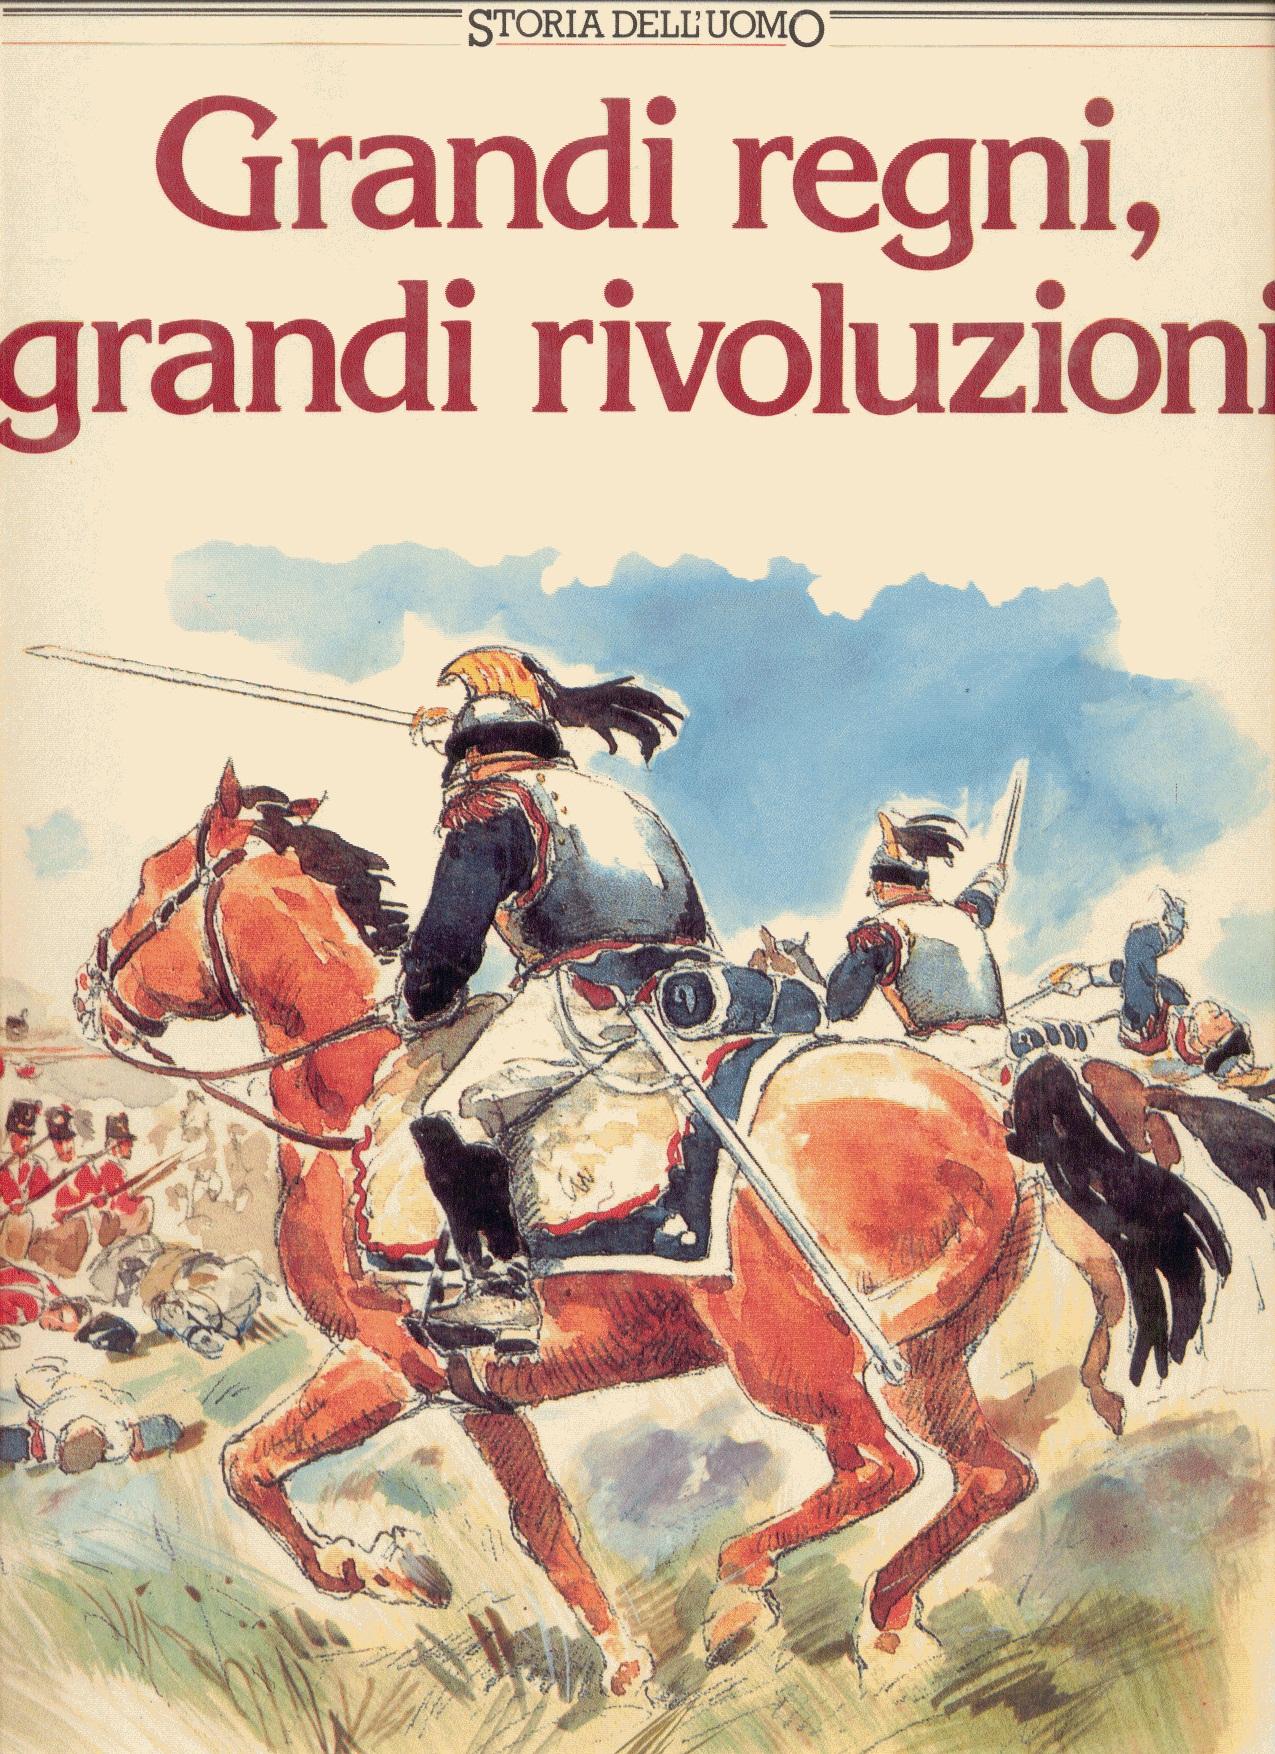 Grandi regni, grandi rivoluzioni